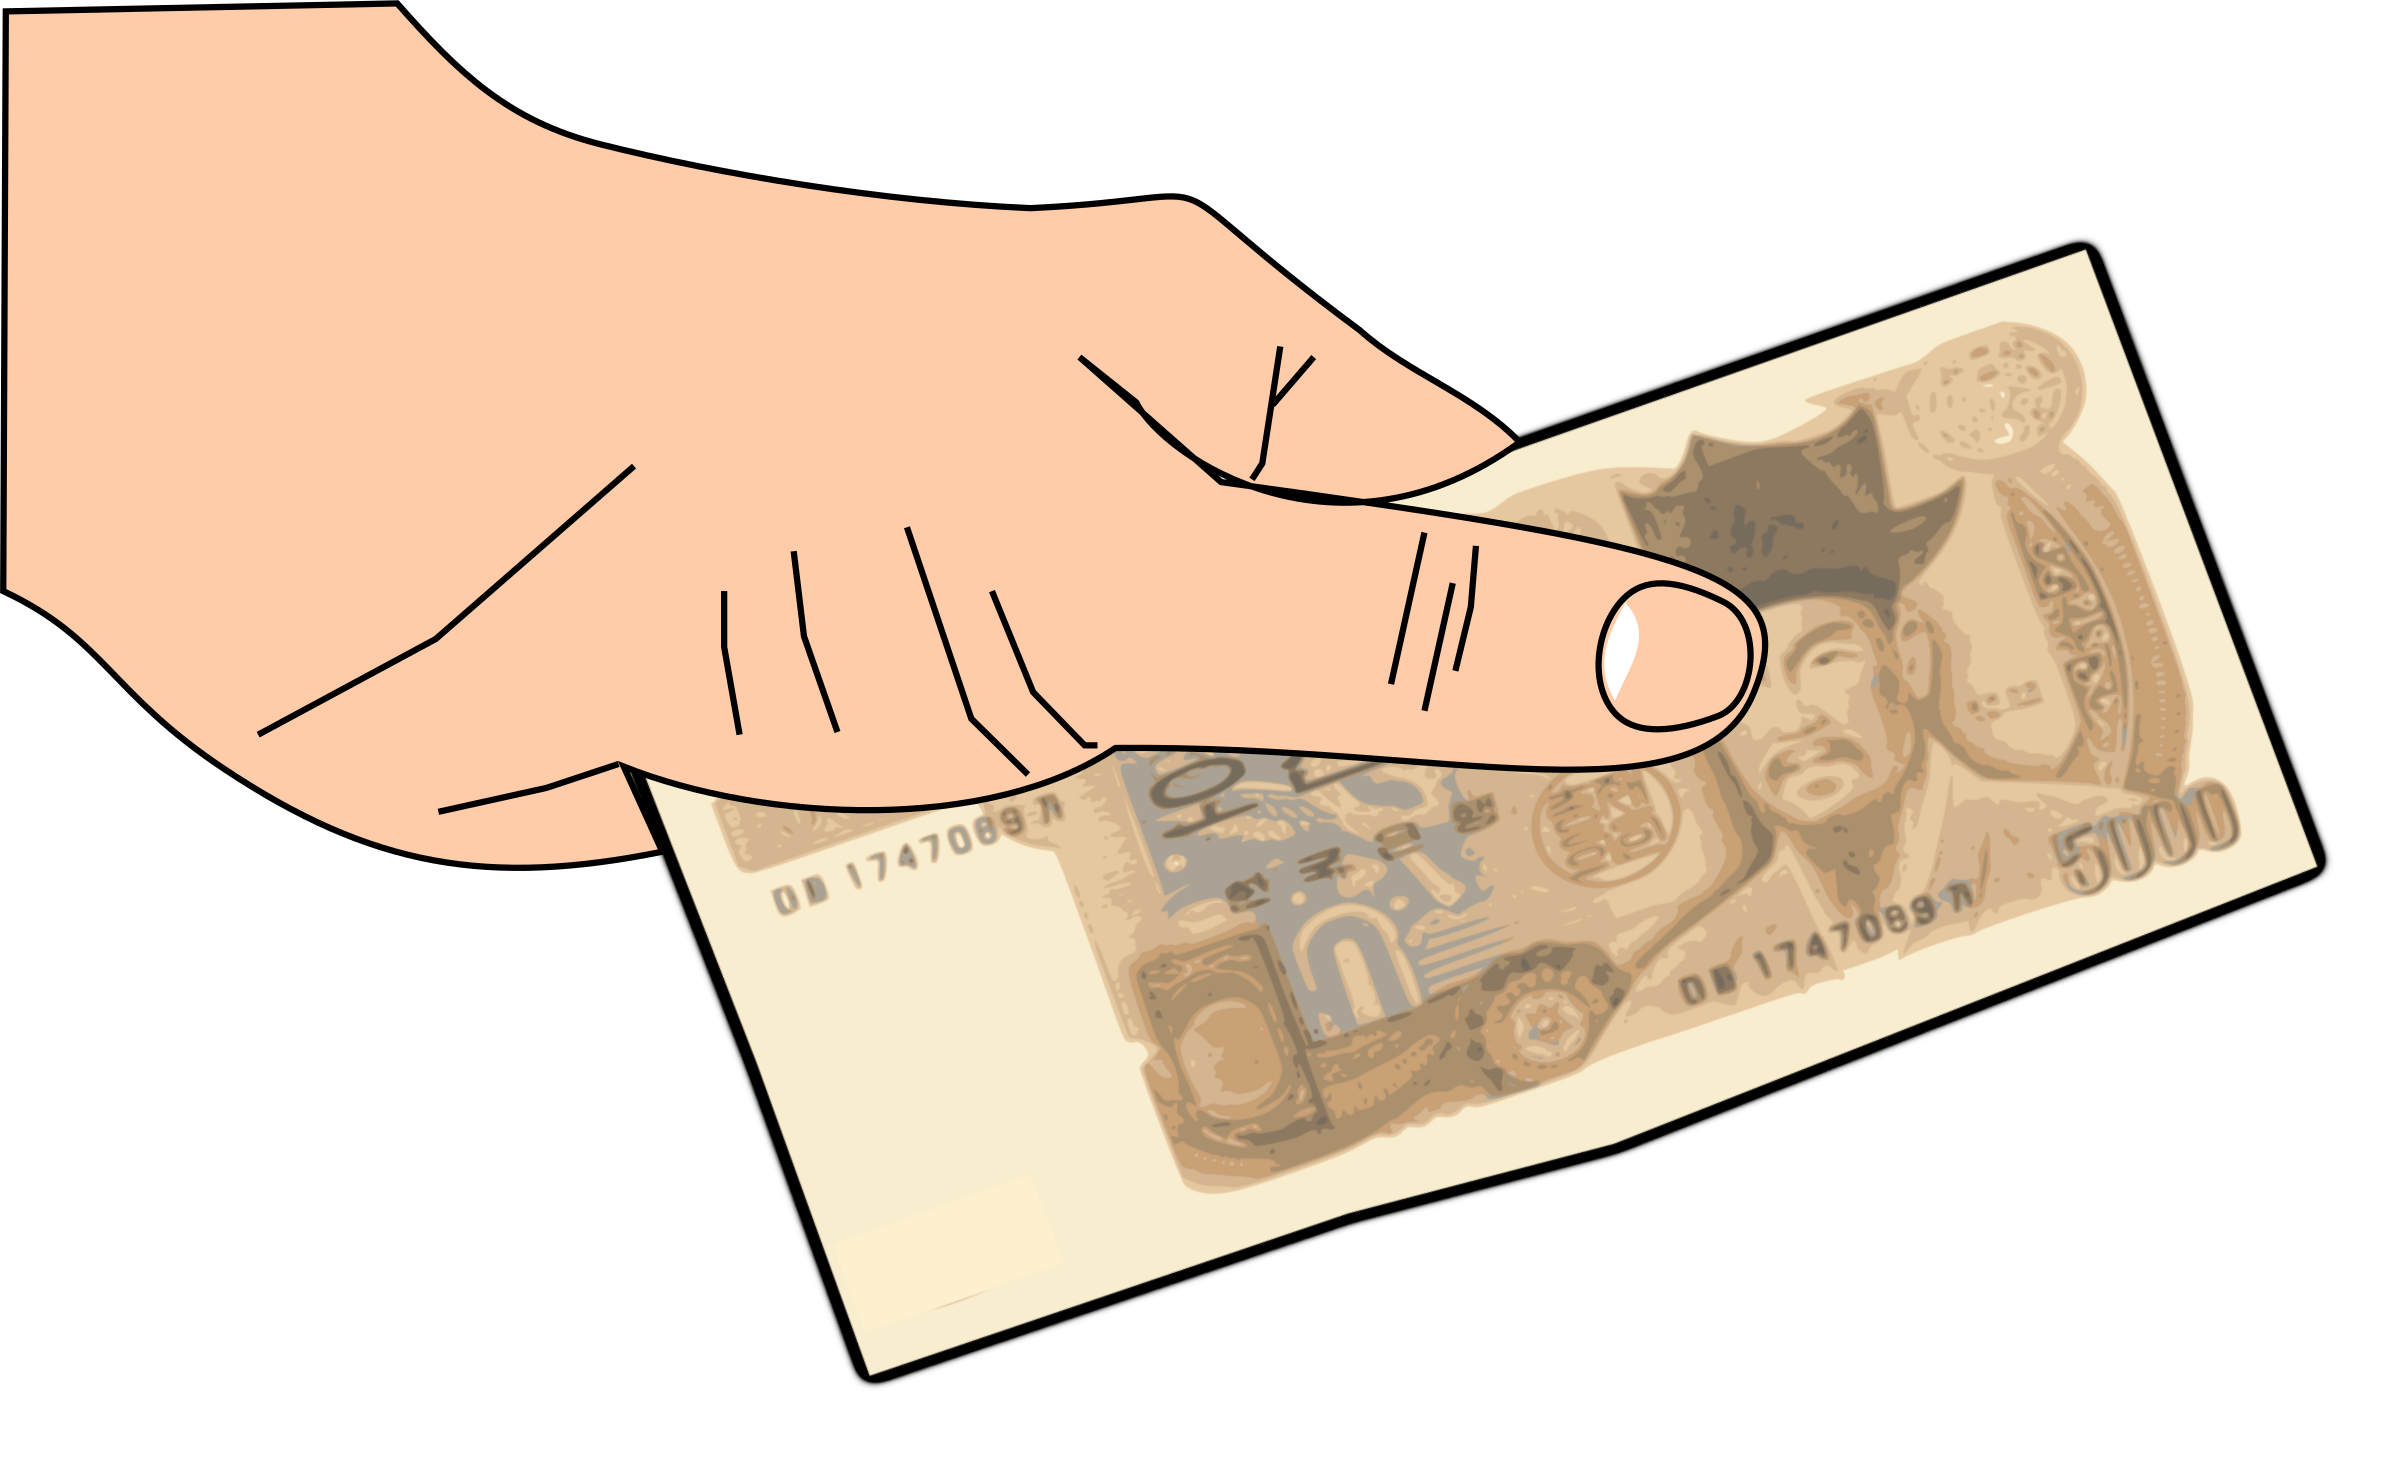 Money clipart hand gesture Clipart hand hand 5000won money